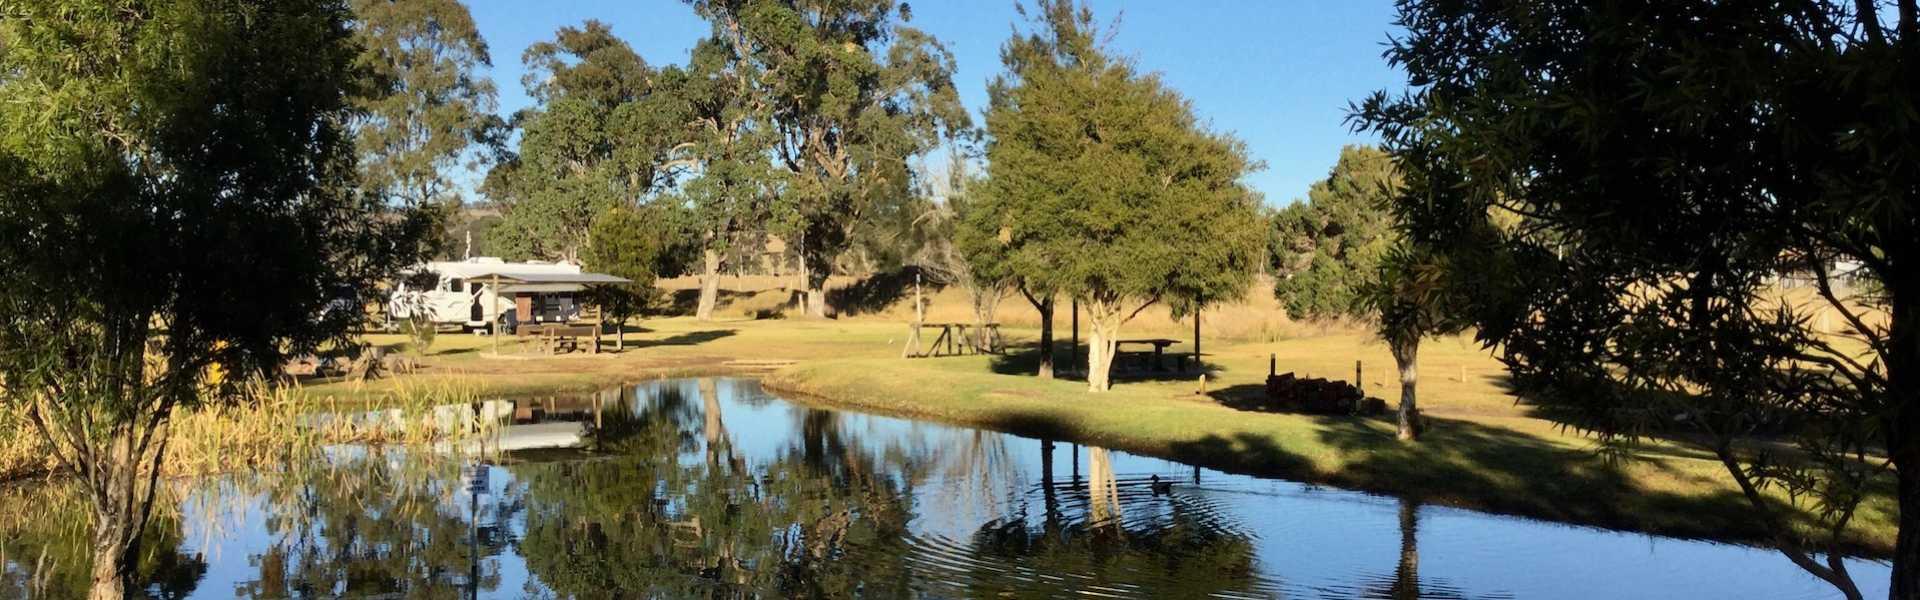 Kui Parks, Crows Nest Caravan Park